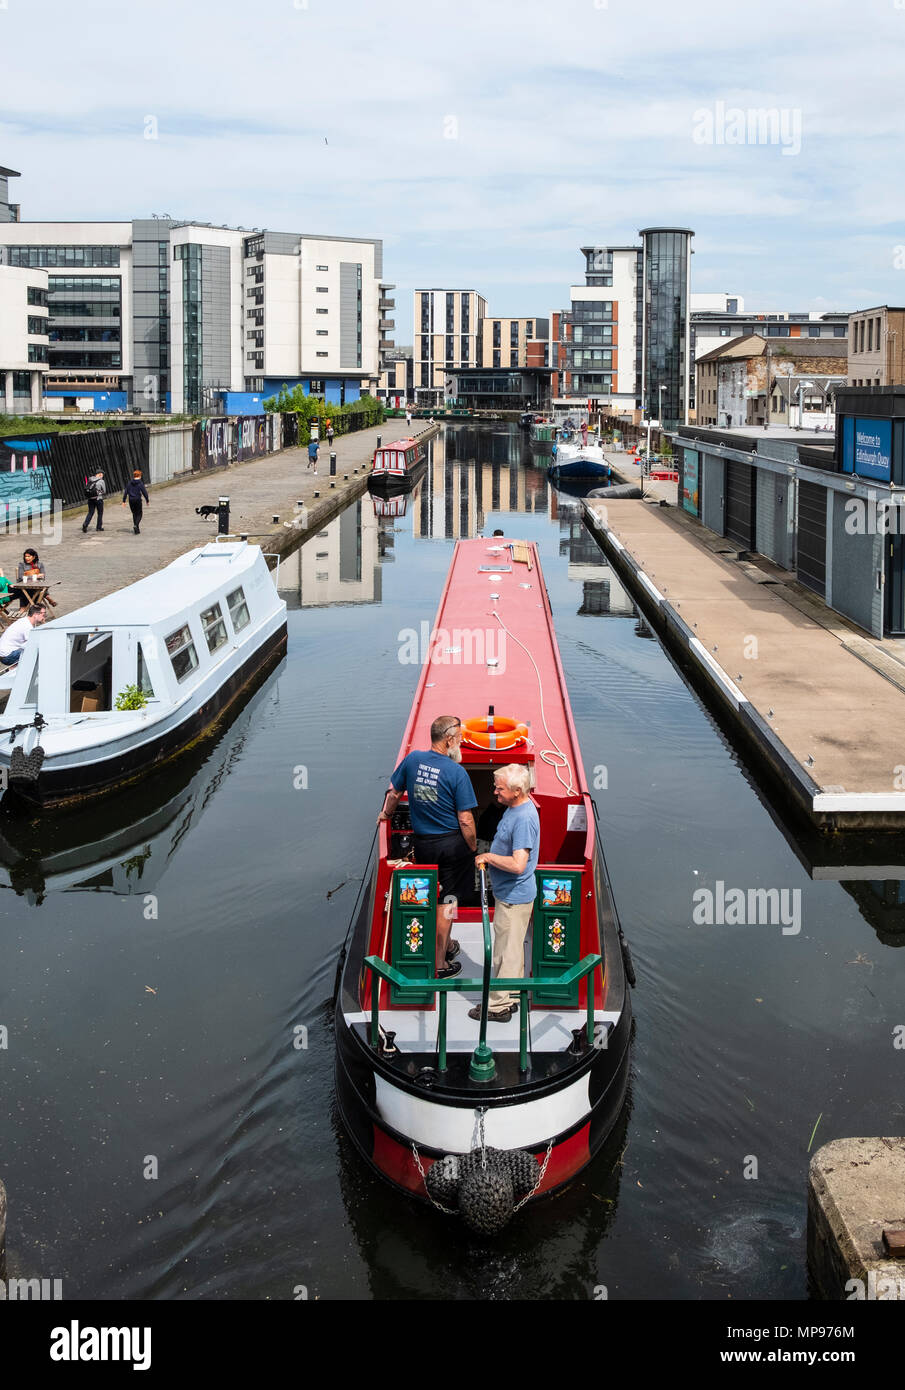 Voir l'Union de canal à Lochrin Basin avec bateau à voile étroit s'amarre à Fountainbridge à Édimbourg, Écosse, Royaume-Uni, UK Banque D'Images